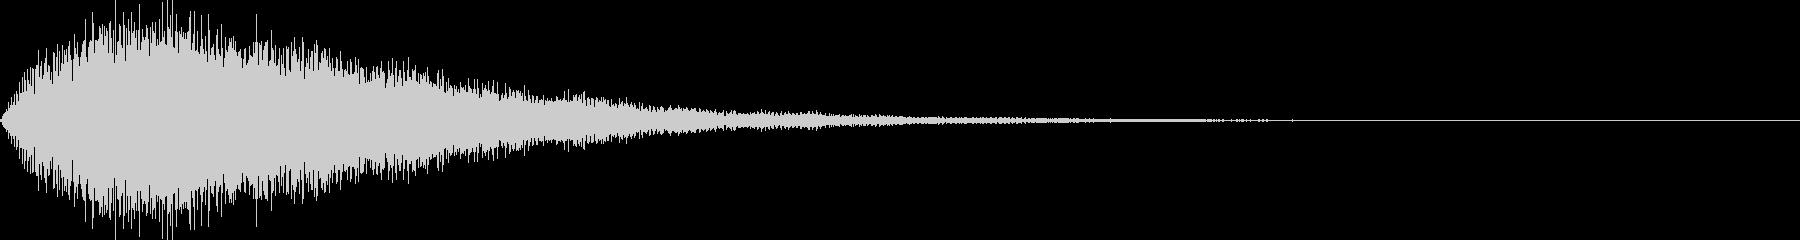 サウンドロゴ52_シンセ系の未再生の波形